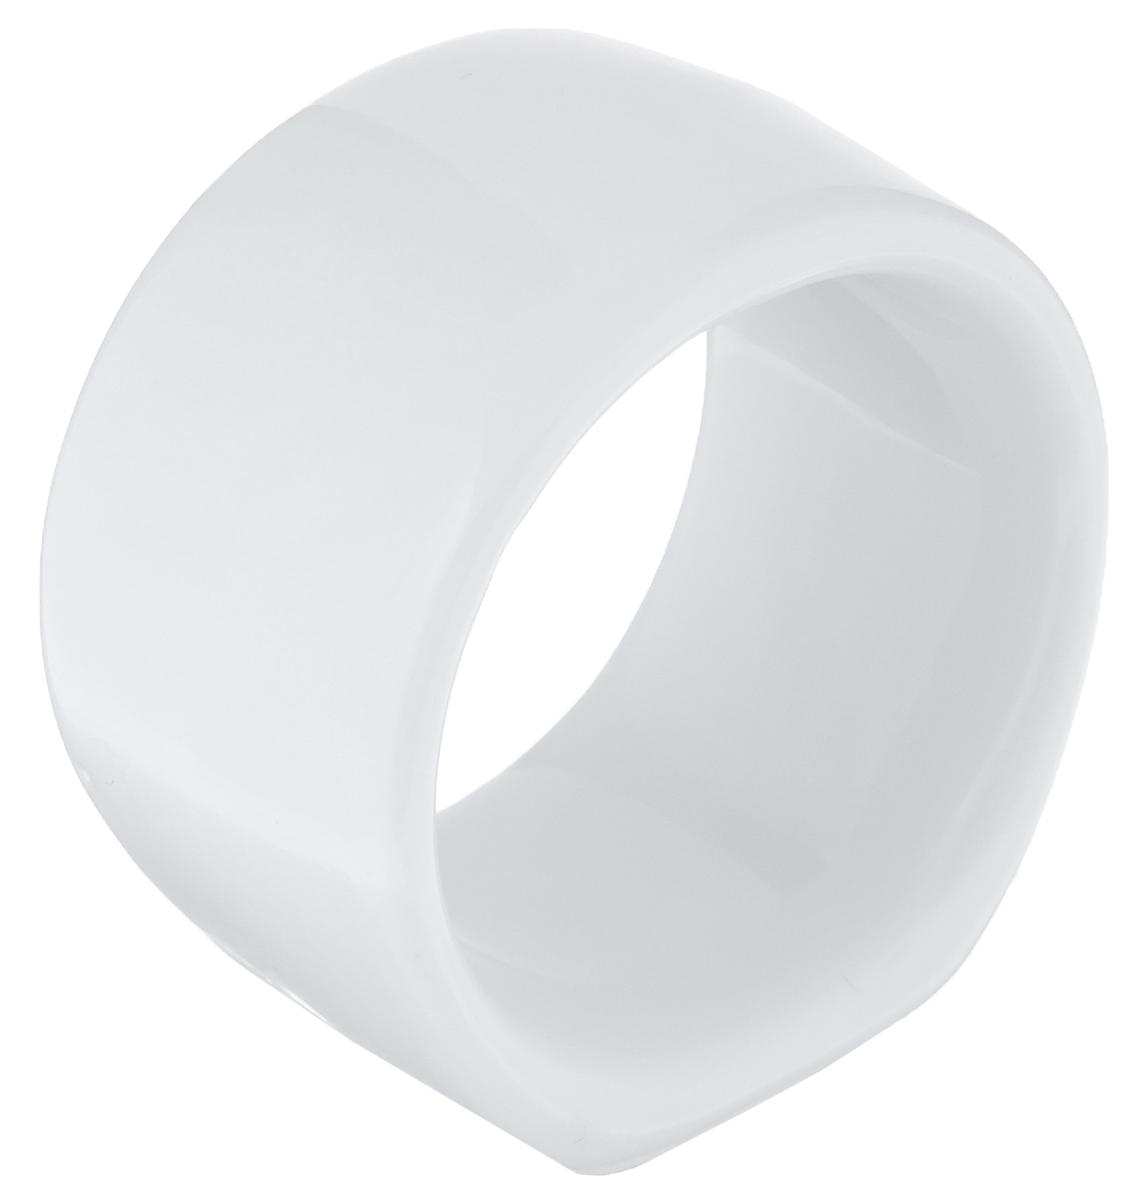 Кольцо для салфеток La Rose Des Sables Vendanges, цвет: белый, диаметр 4 см